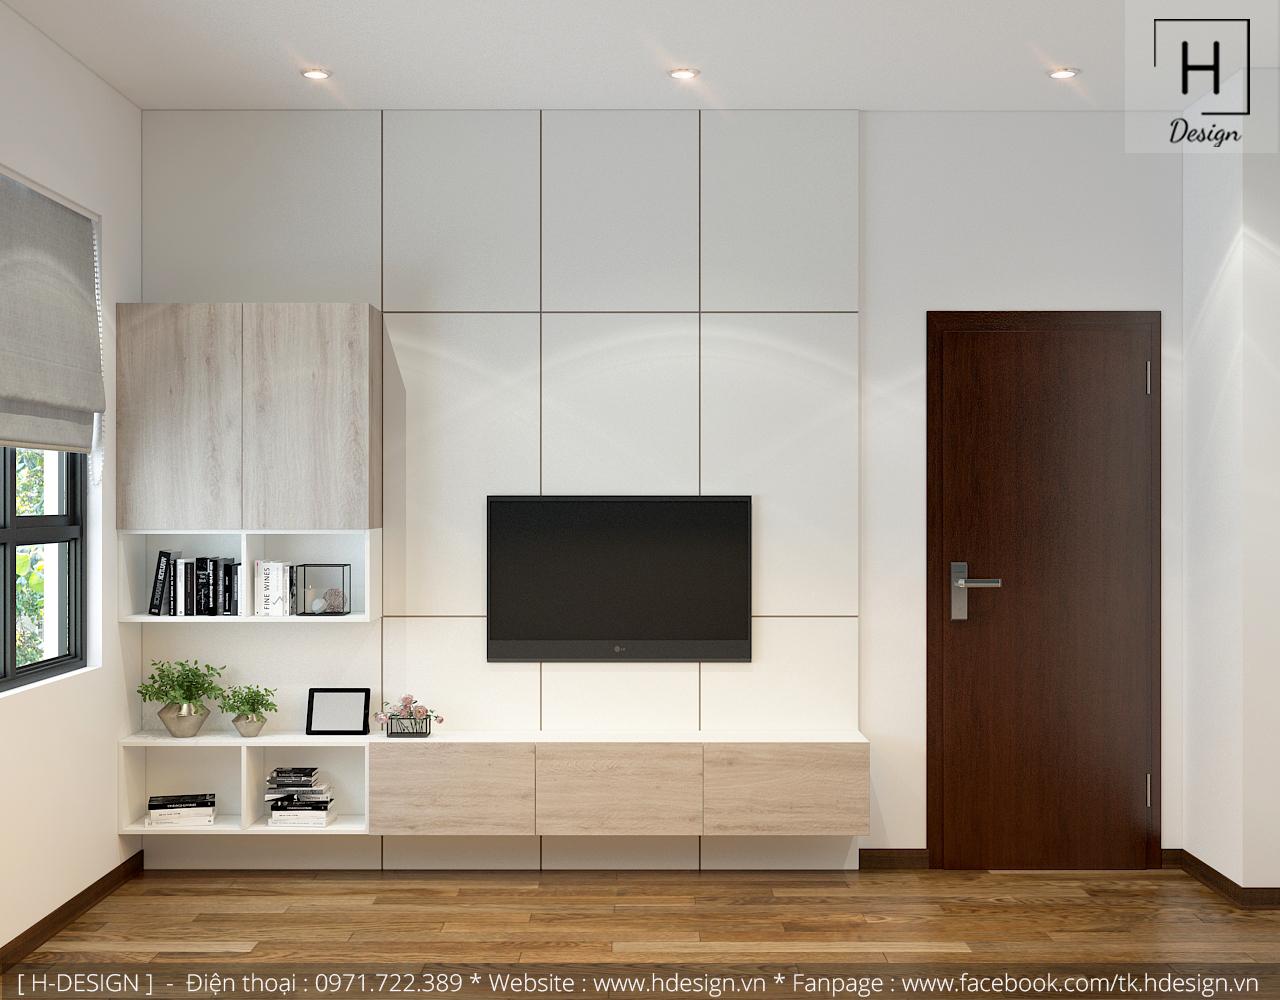 Thiết kế thi công nội thất nhà phố đẹp tại Mễ Trì - Hà Nội 11